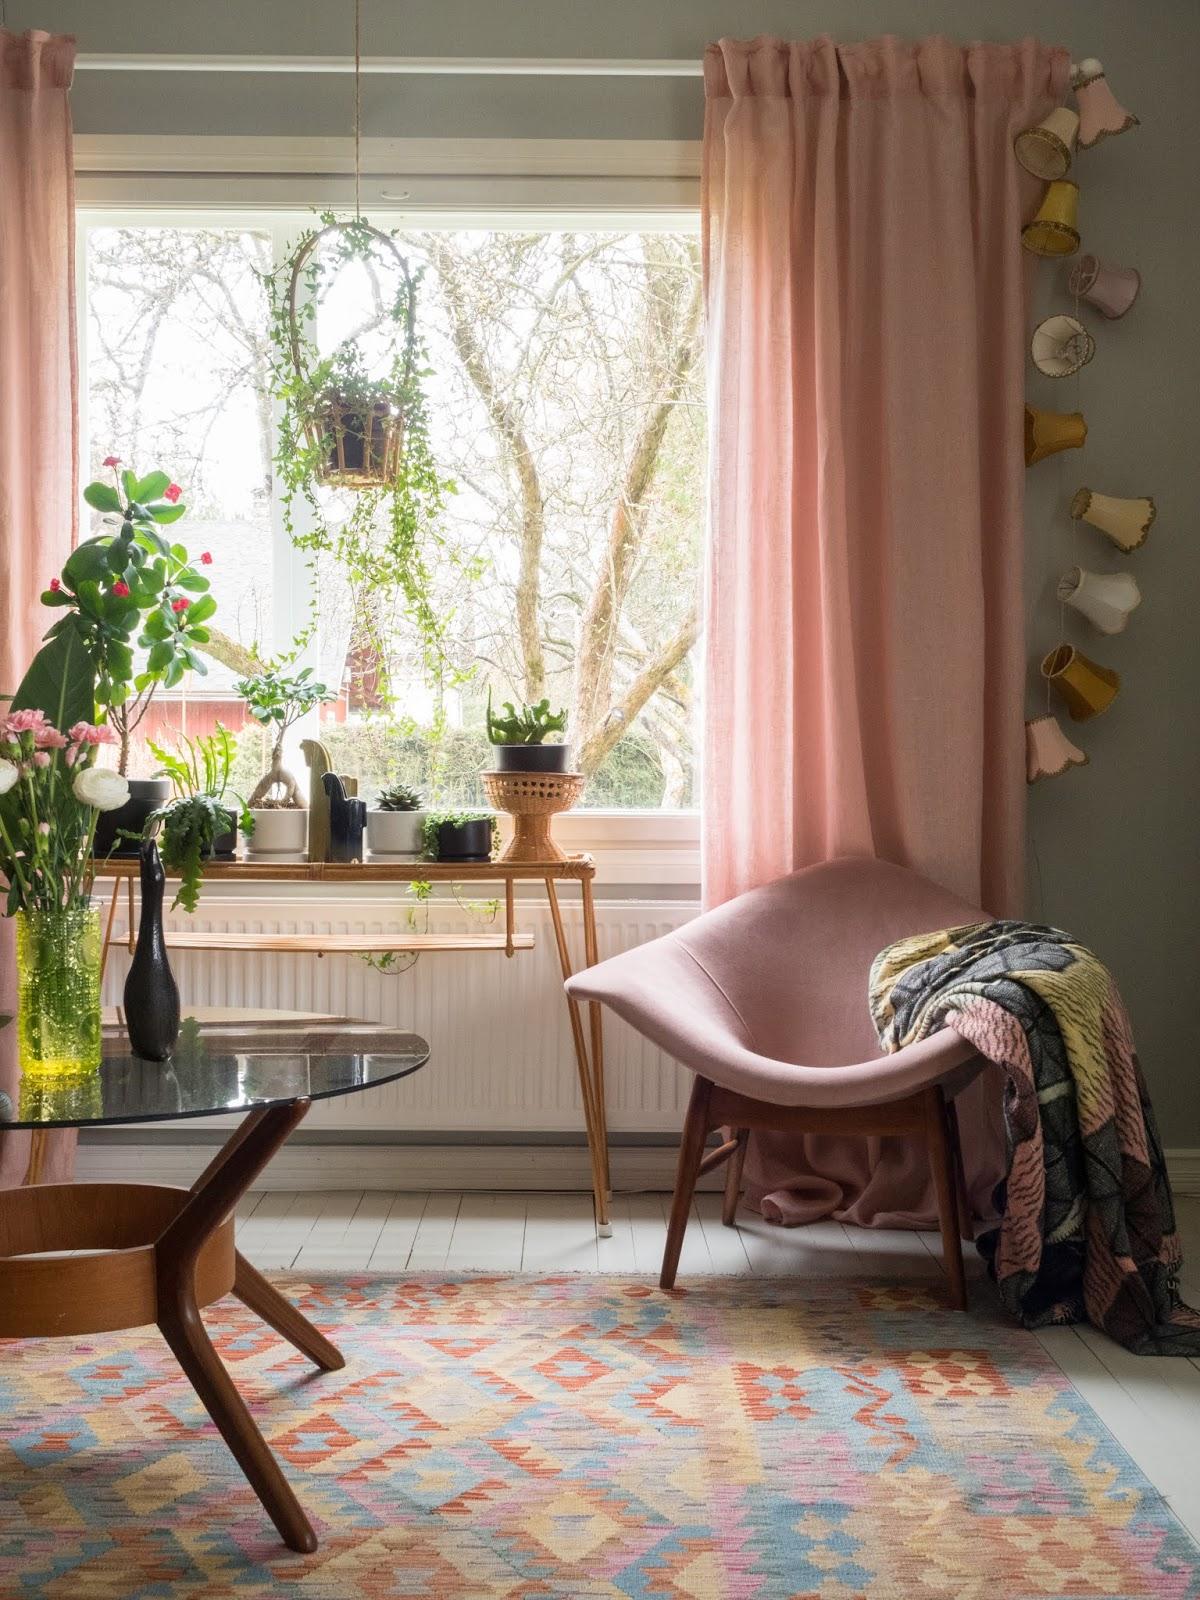 rotiinkinen kukkapöytä